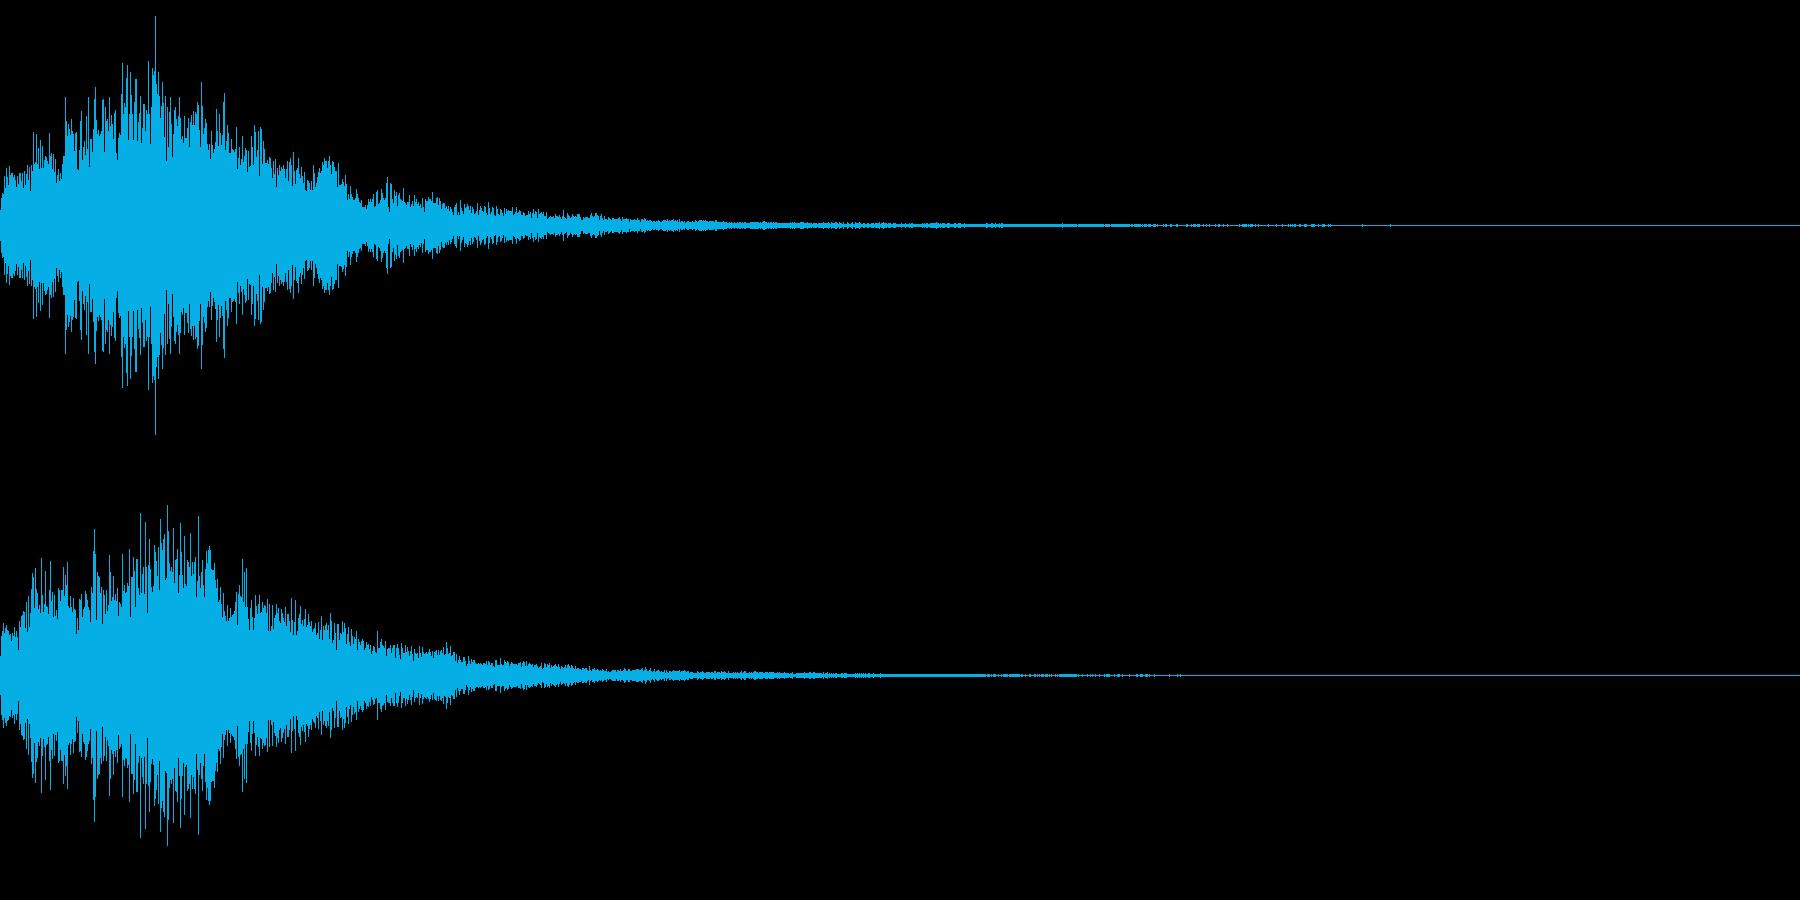 謎めいた音の再生済みの波形